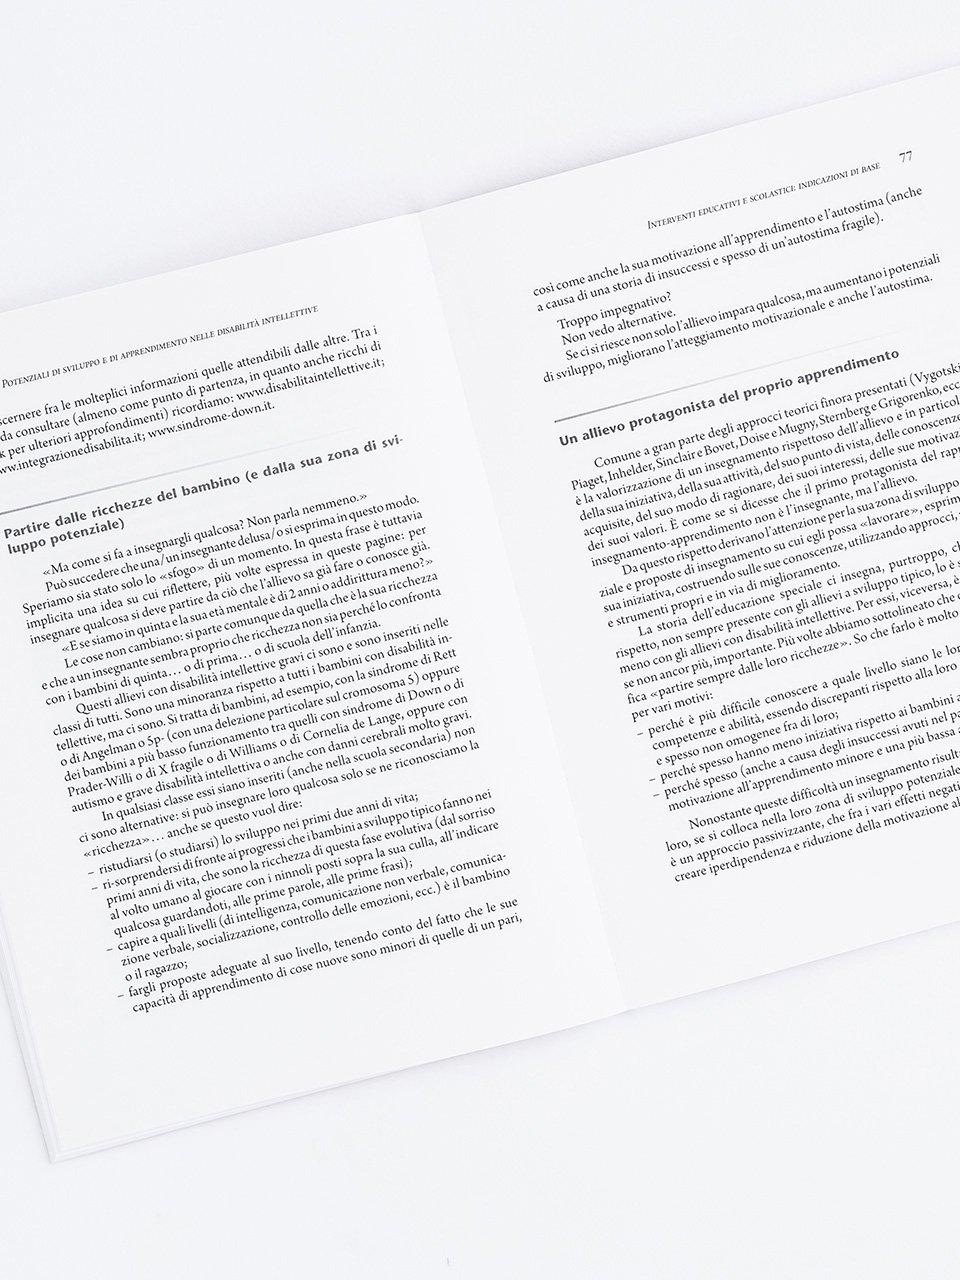 Potenziali di sviluppo e di apprendimento nelle di - Libri - Erickson 2